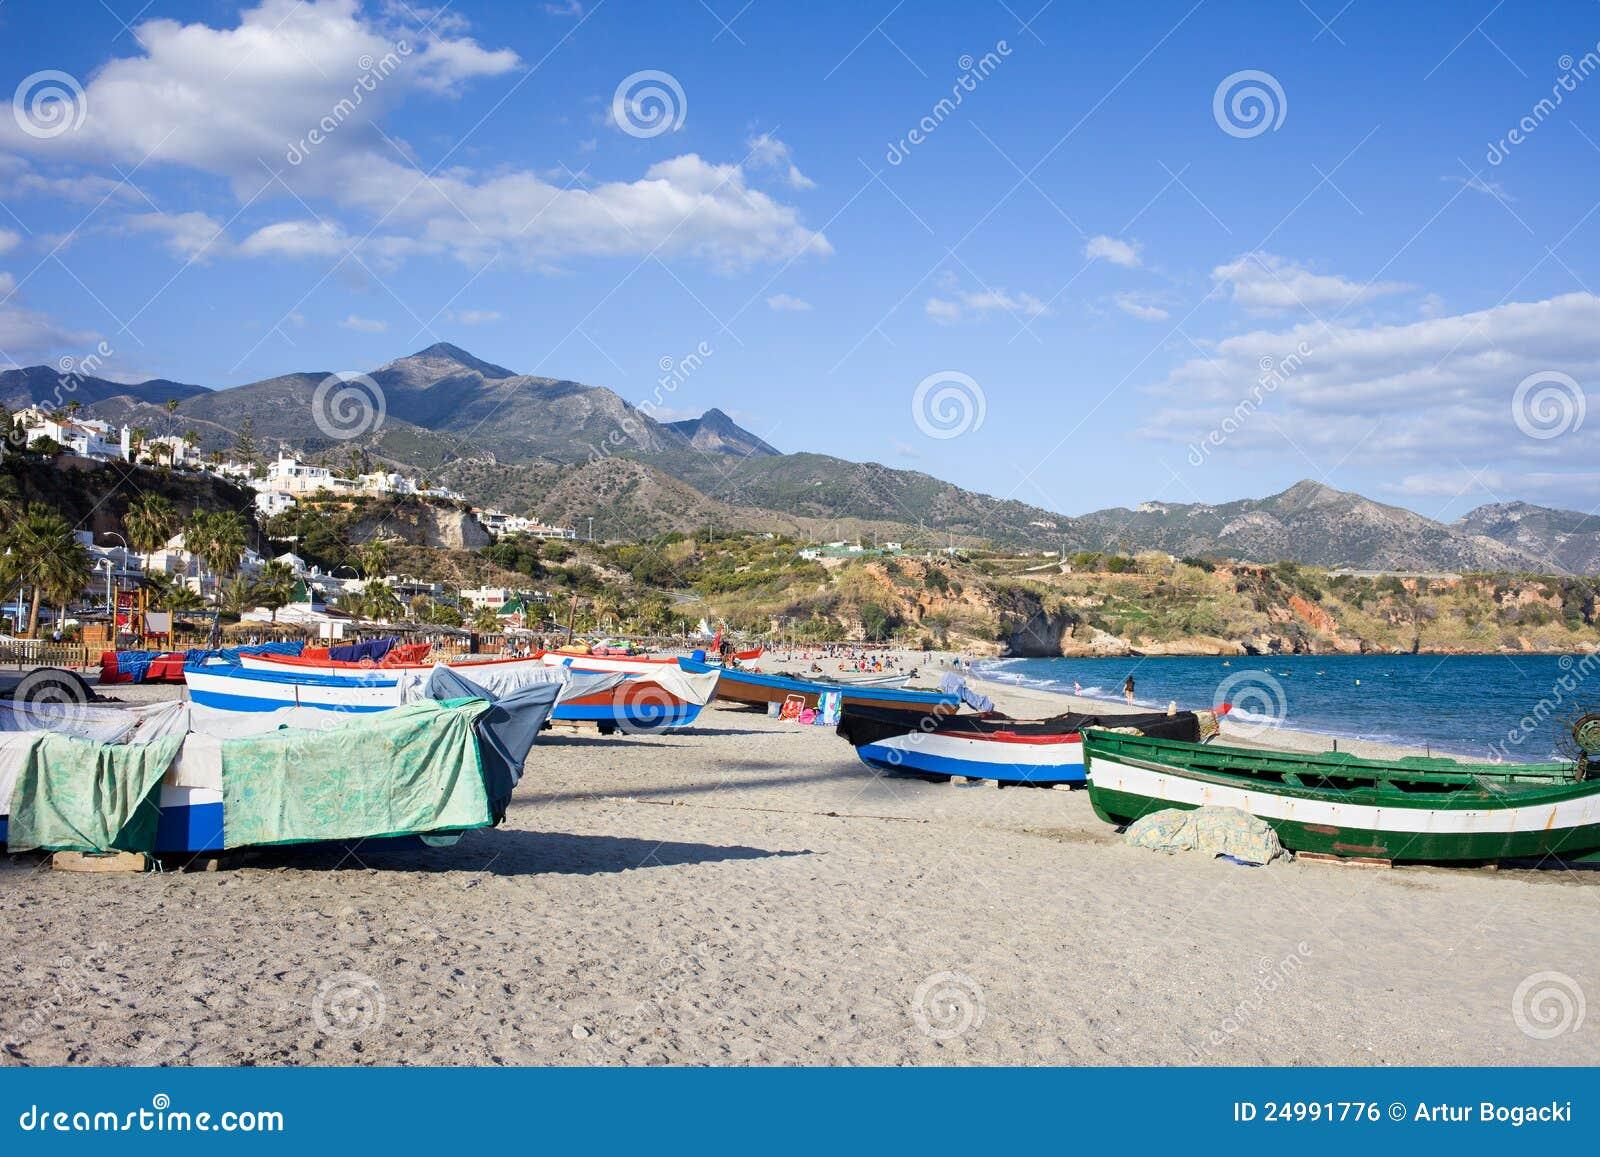 βάρκες παραλιών που αλιεύουν την Ισπανία